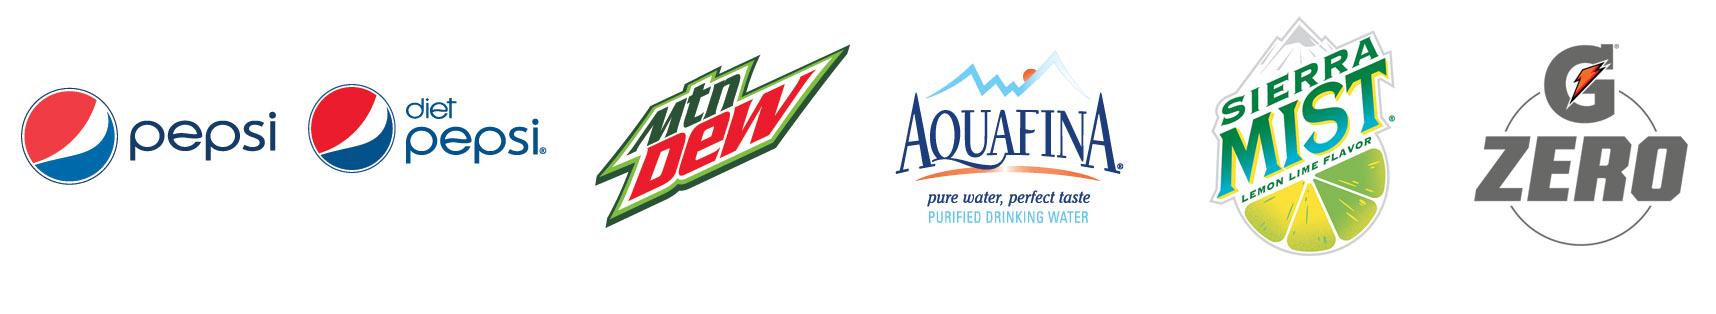 pop-water-2019